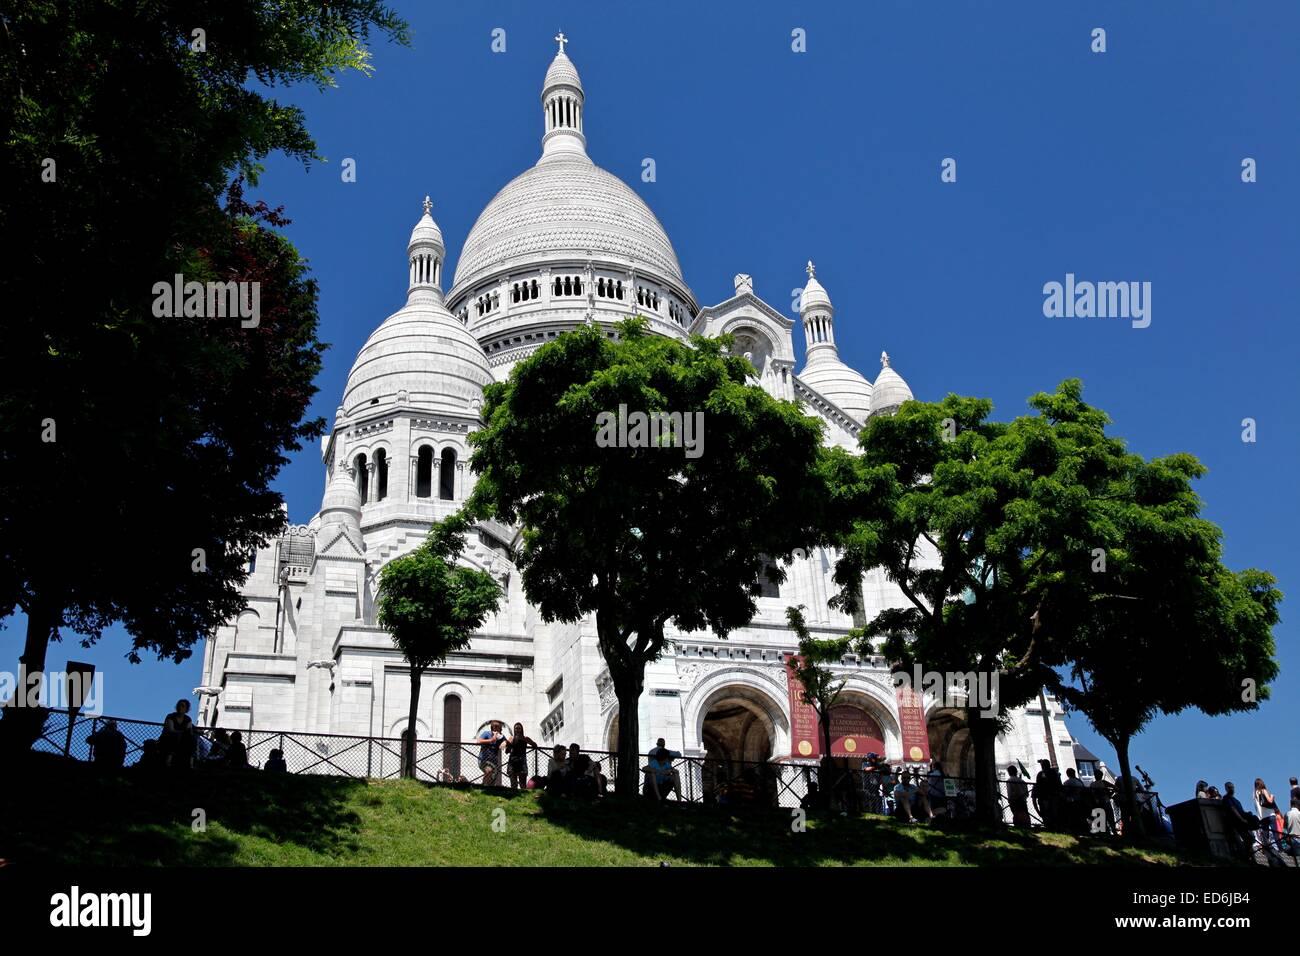 Basilica of the Sacré Cœur on Montmartre